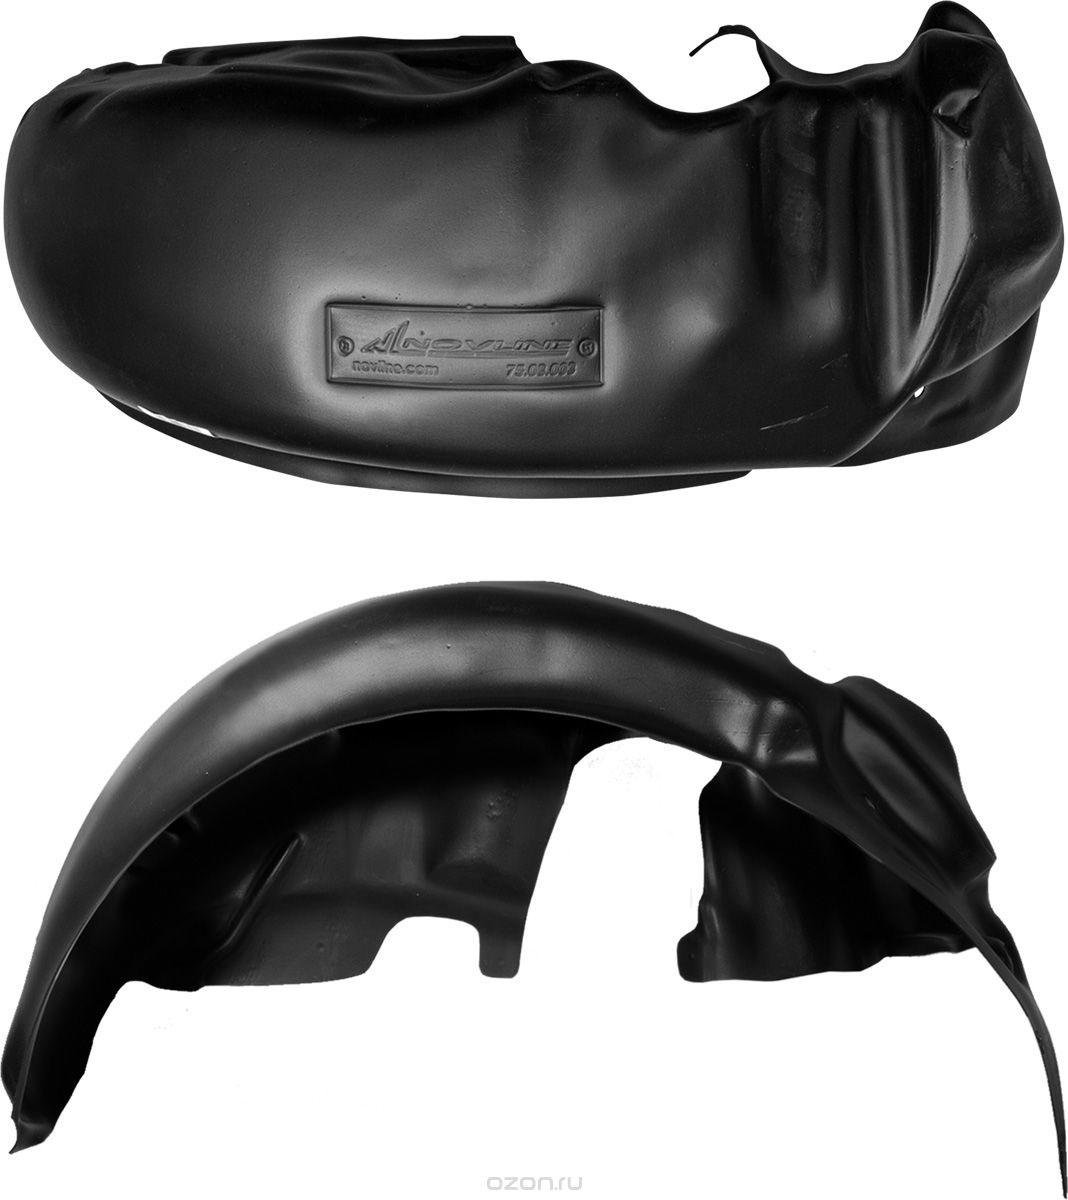 Подкрылок Novline-Autofamily, для PEUGEOT Boxer 2006-2014, 2014-> без/с расширителями арок, задний правыйIRK-503Идеальная защита колесной ниши. Локеры разработаны с применением цифровых технологий, гарантируют максимальную повторяемость поверхности арки. Изделия устанавливаются без нарушения лакокрасочного покрытия автомобиля, каждый подкрылок комплектуется крепежом. Уважаемые клиенты, обращаем ваше внимание, что фотографии на подкрылки универсальные и не отражают реальную форму изделия. При этом само изделие идет точно под размер указанного автомобиля.